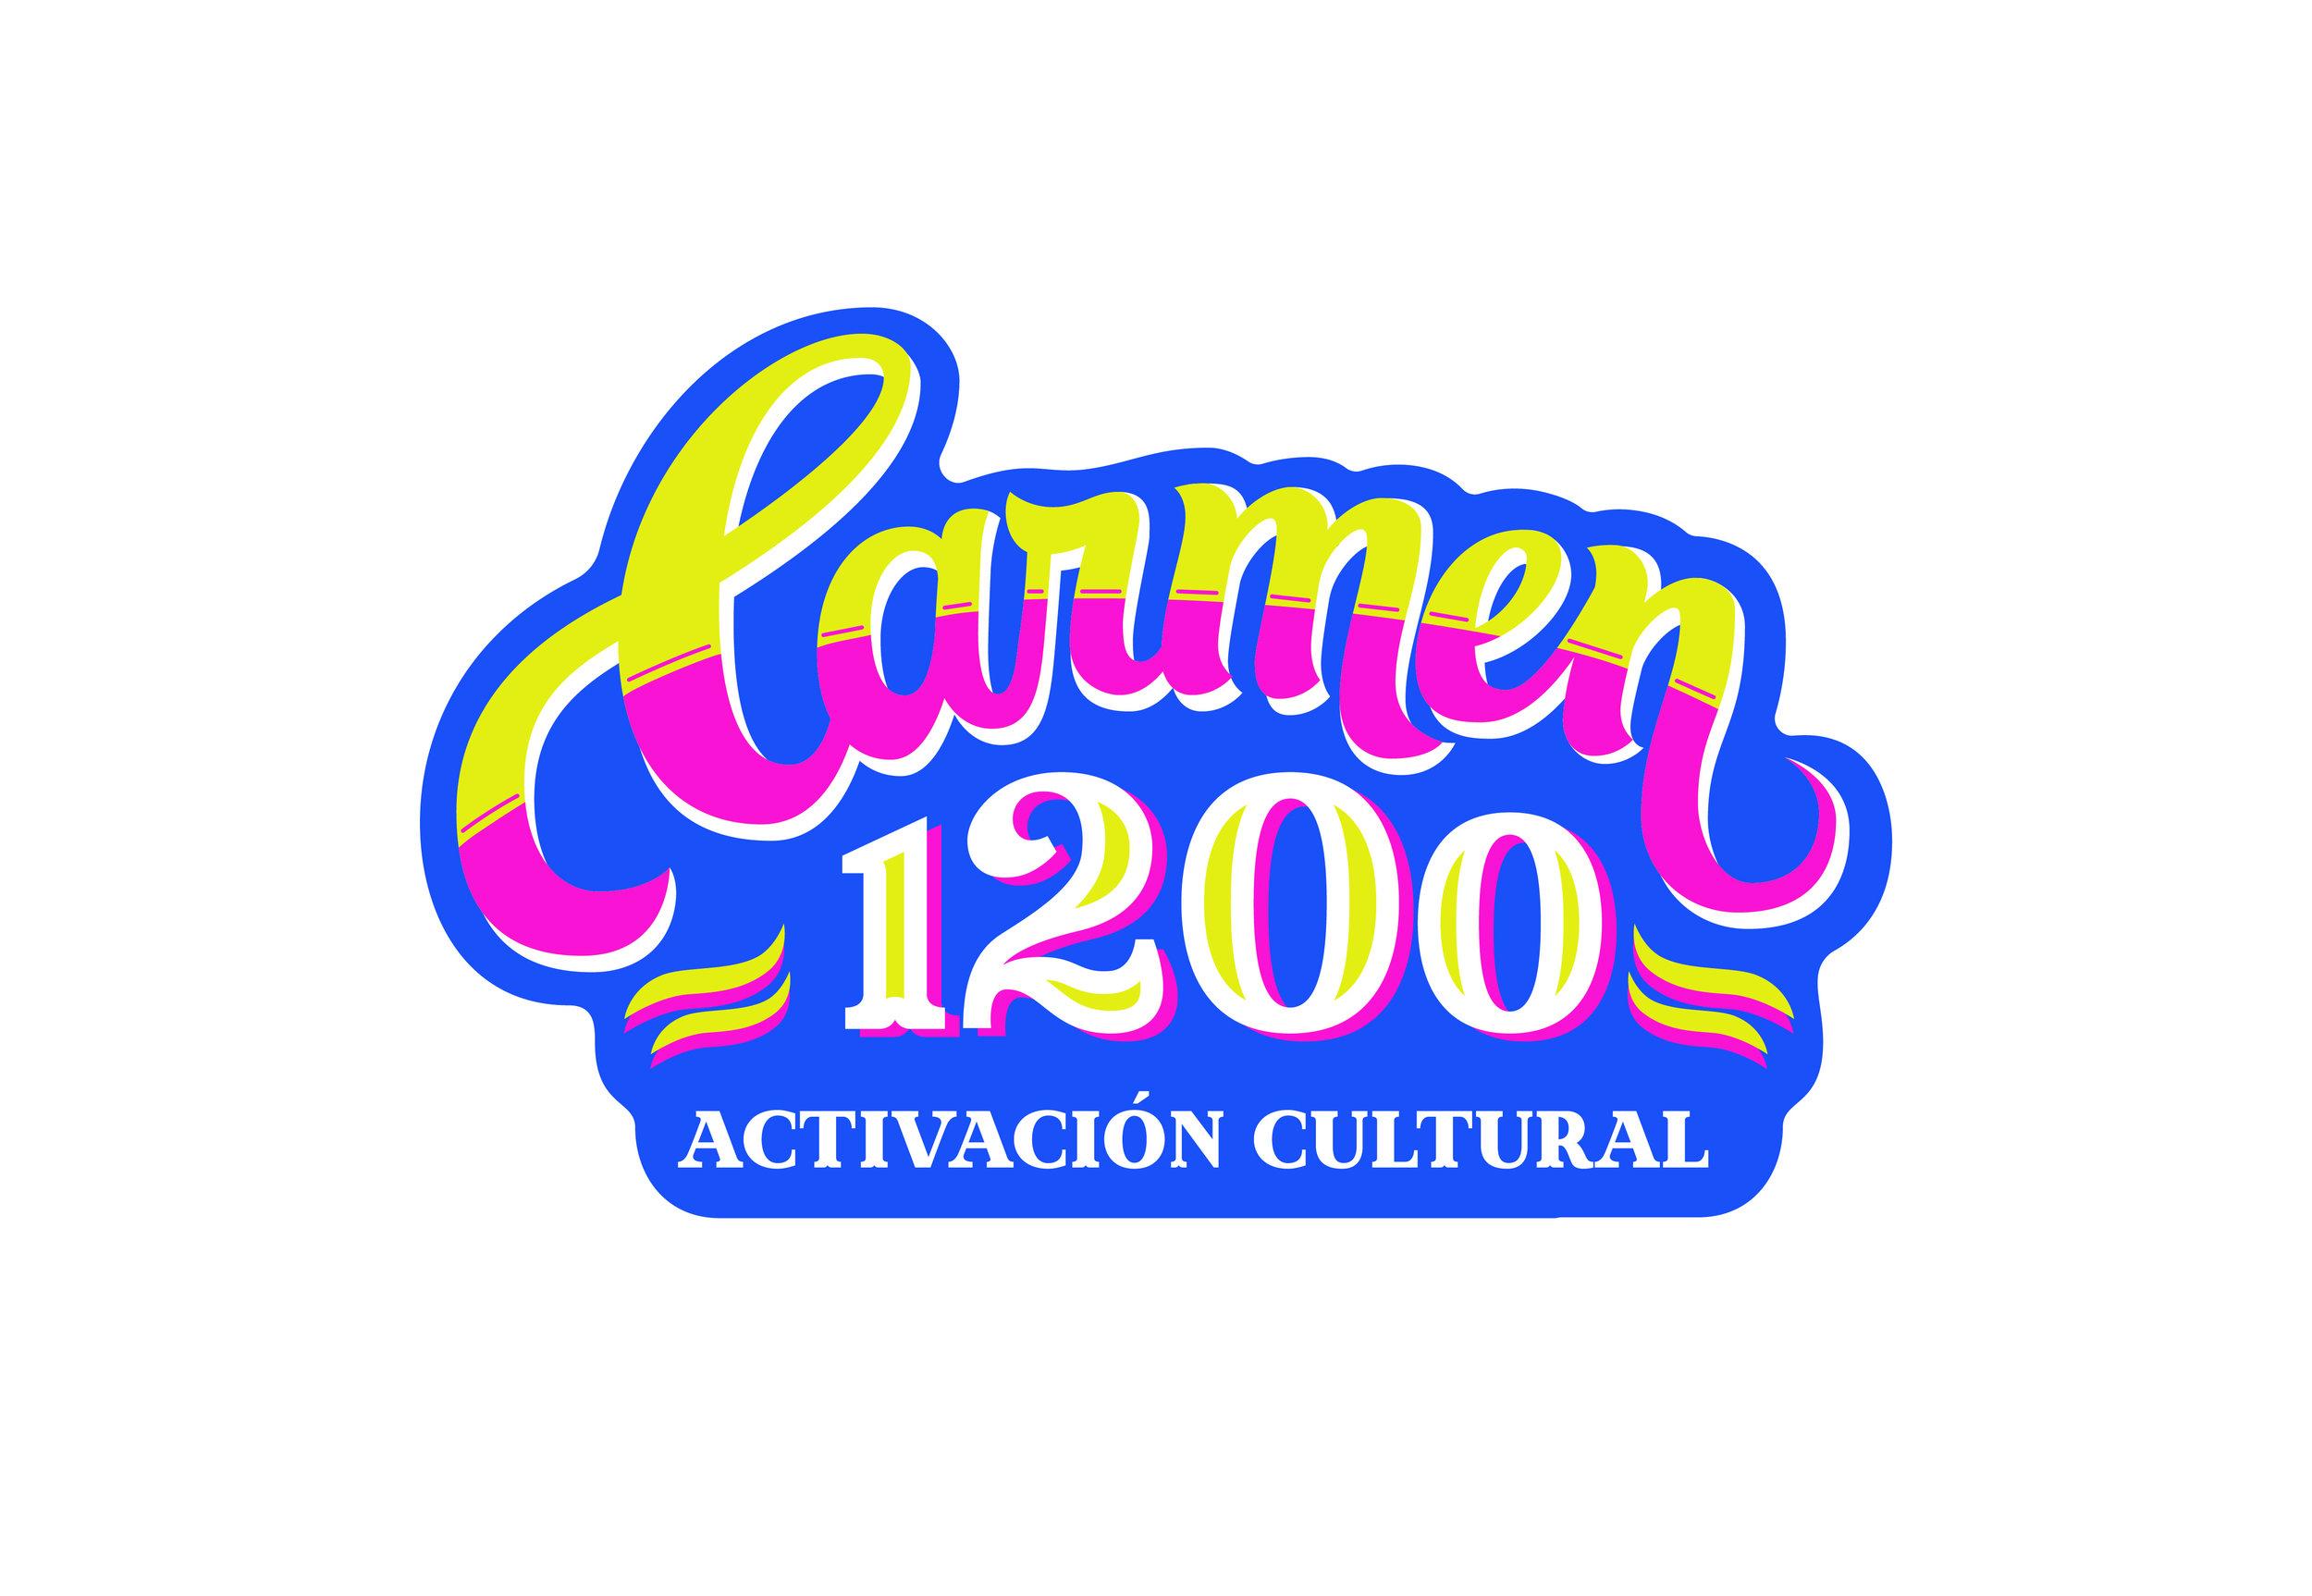 LOGO CARMEN 1200_2-02.jpg